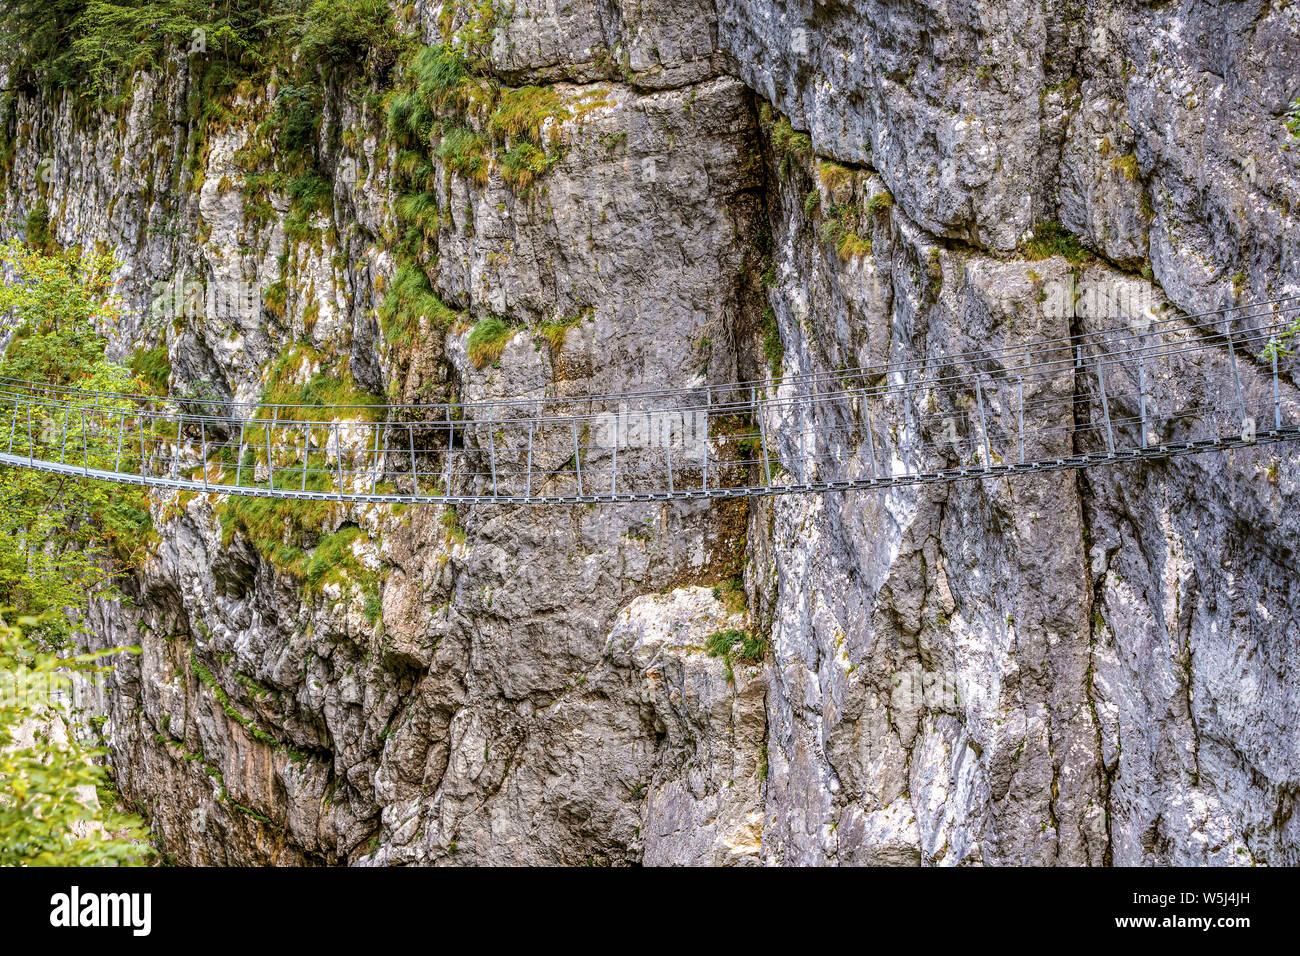 Italie Friuli Barcis vieille Route du Val Cellina - Pont de l'Himalaya - Parc Naturel du Dolomiti Friulane Banque D'Images